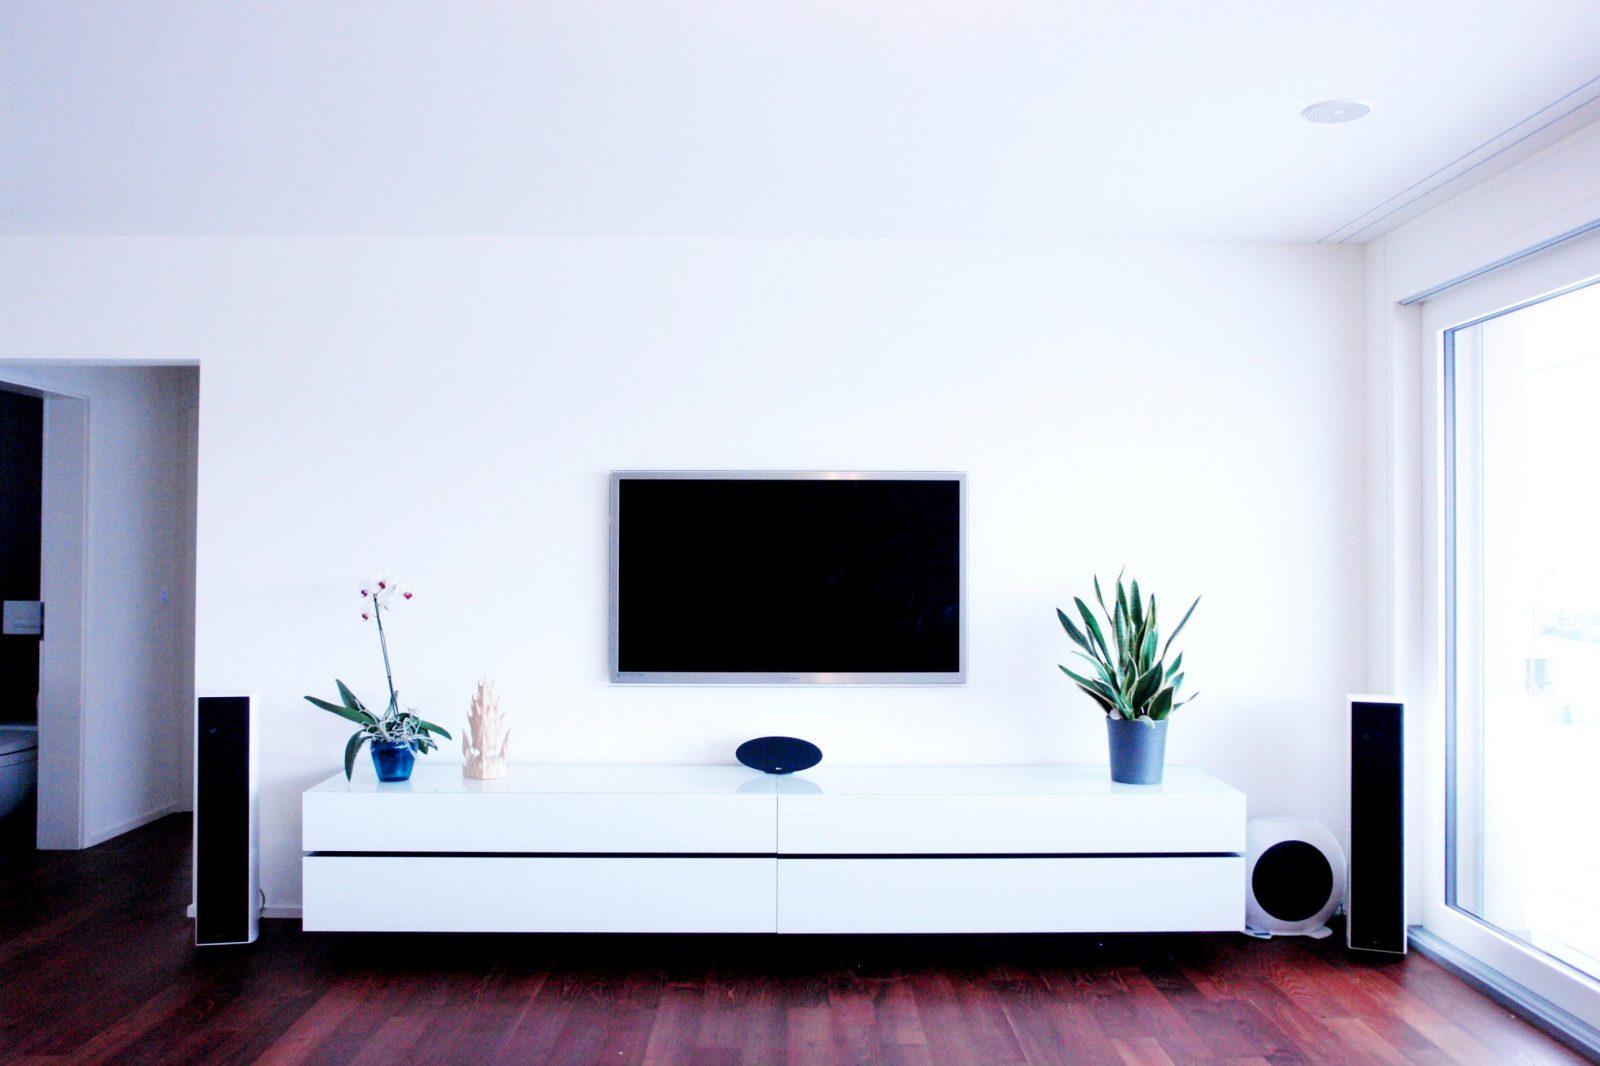 Tv Aufhängen Kabel Verstecken Zu Schön Haus Planen  Tgdarkly von Tv Aufhängen Kabel Verstecken Bild